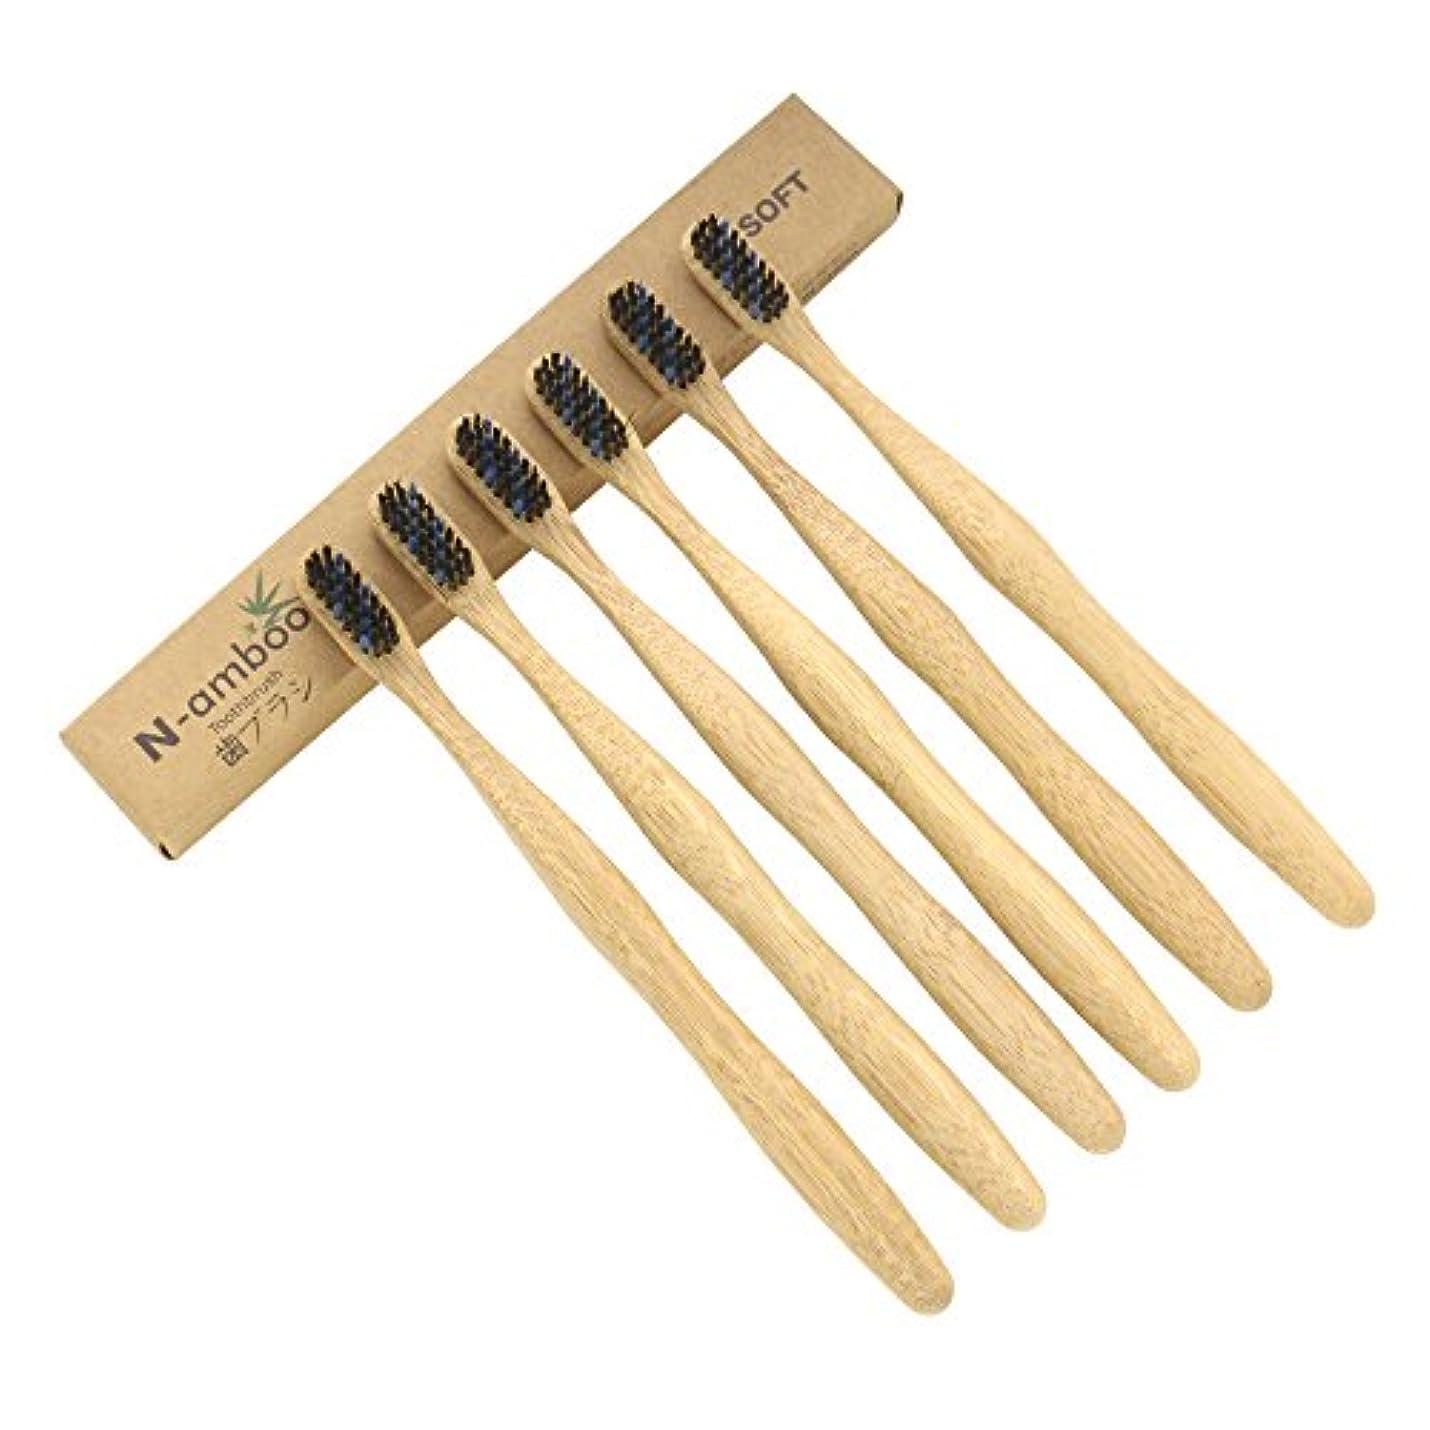 不振鏡確率N-amboo 竹製耐久度高い 歯ブラシ 黒と青 6本入り セット